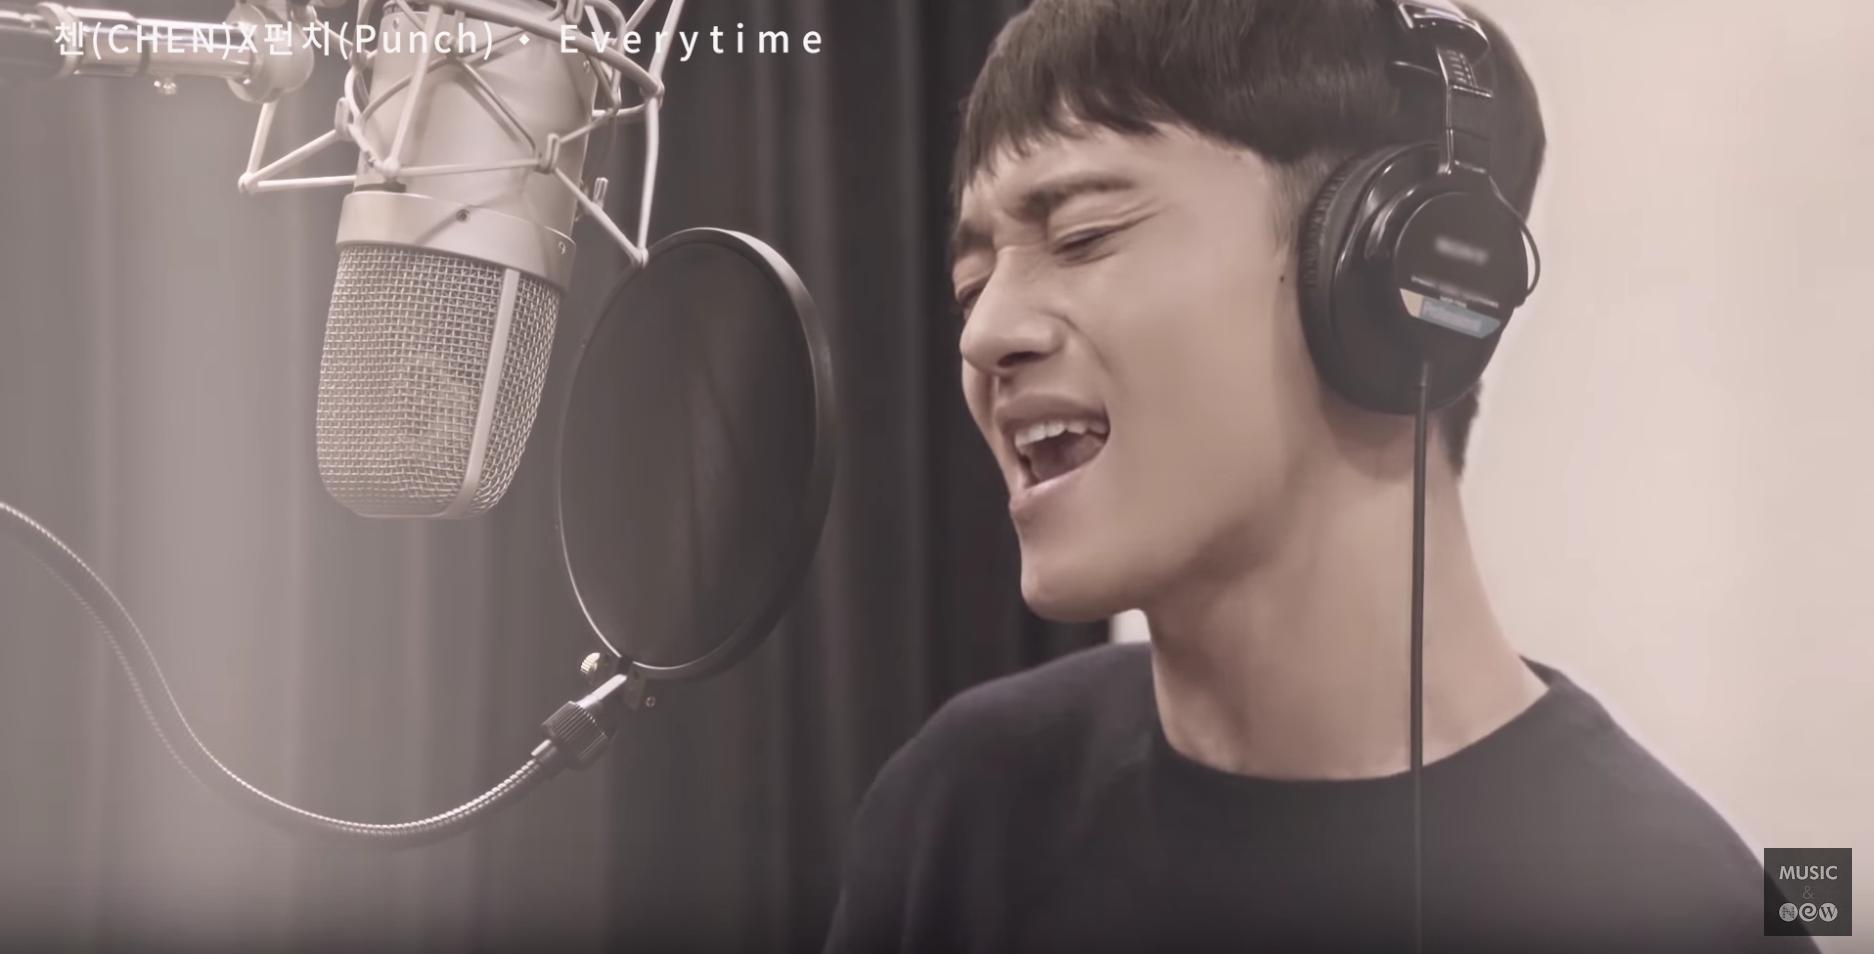 Chen feeling it